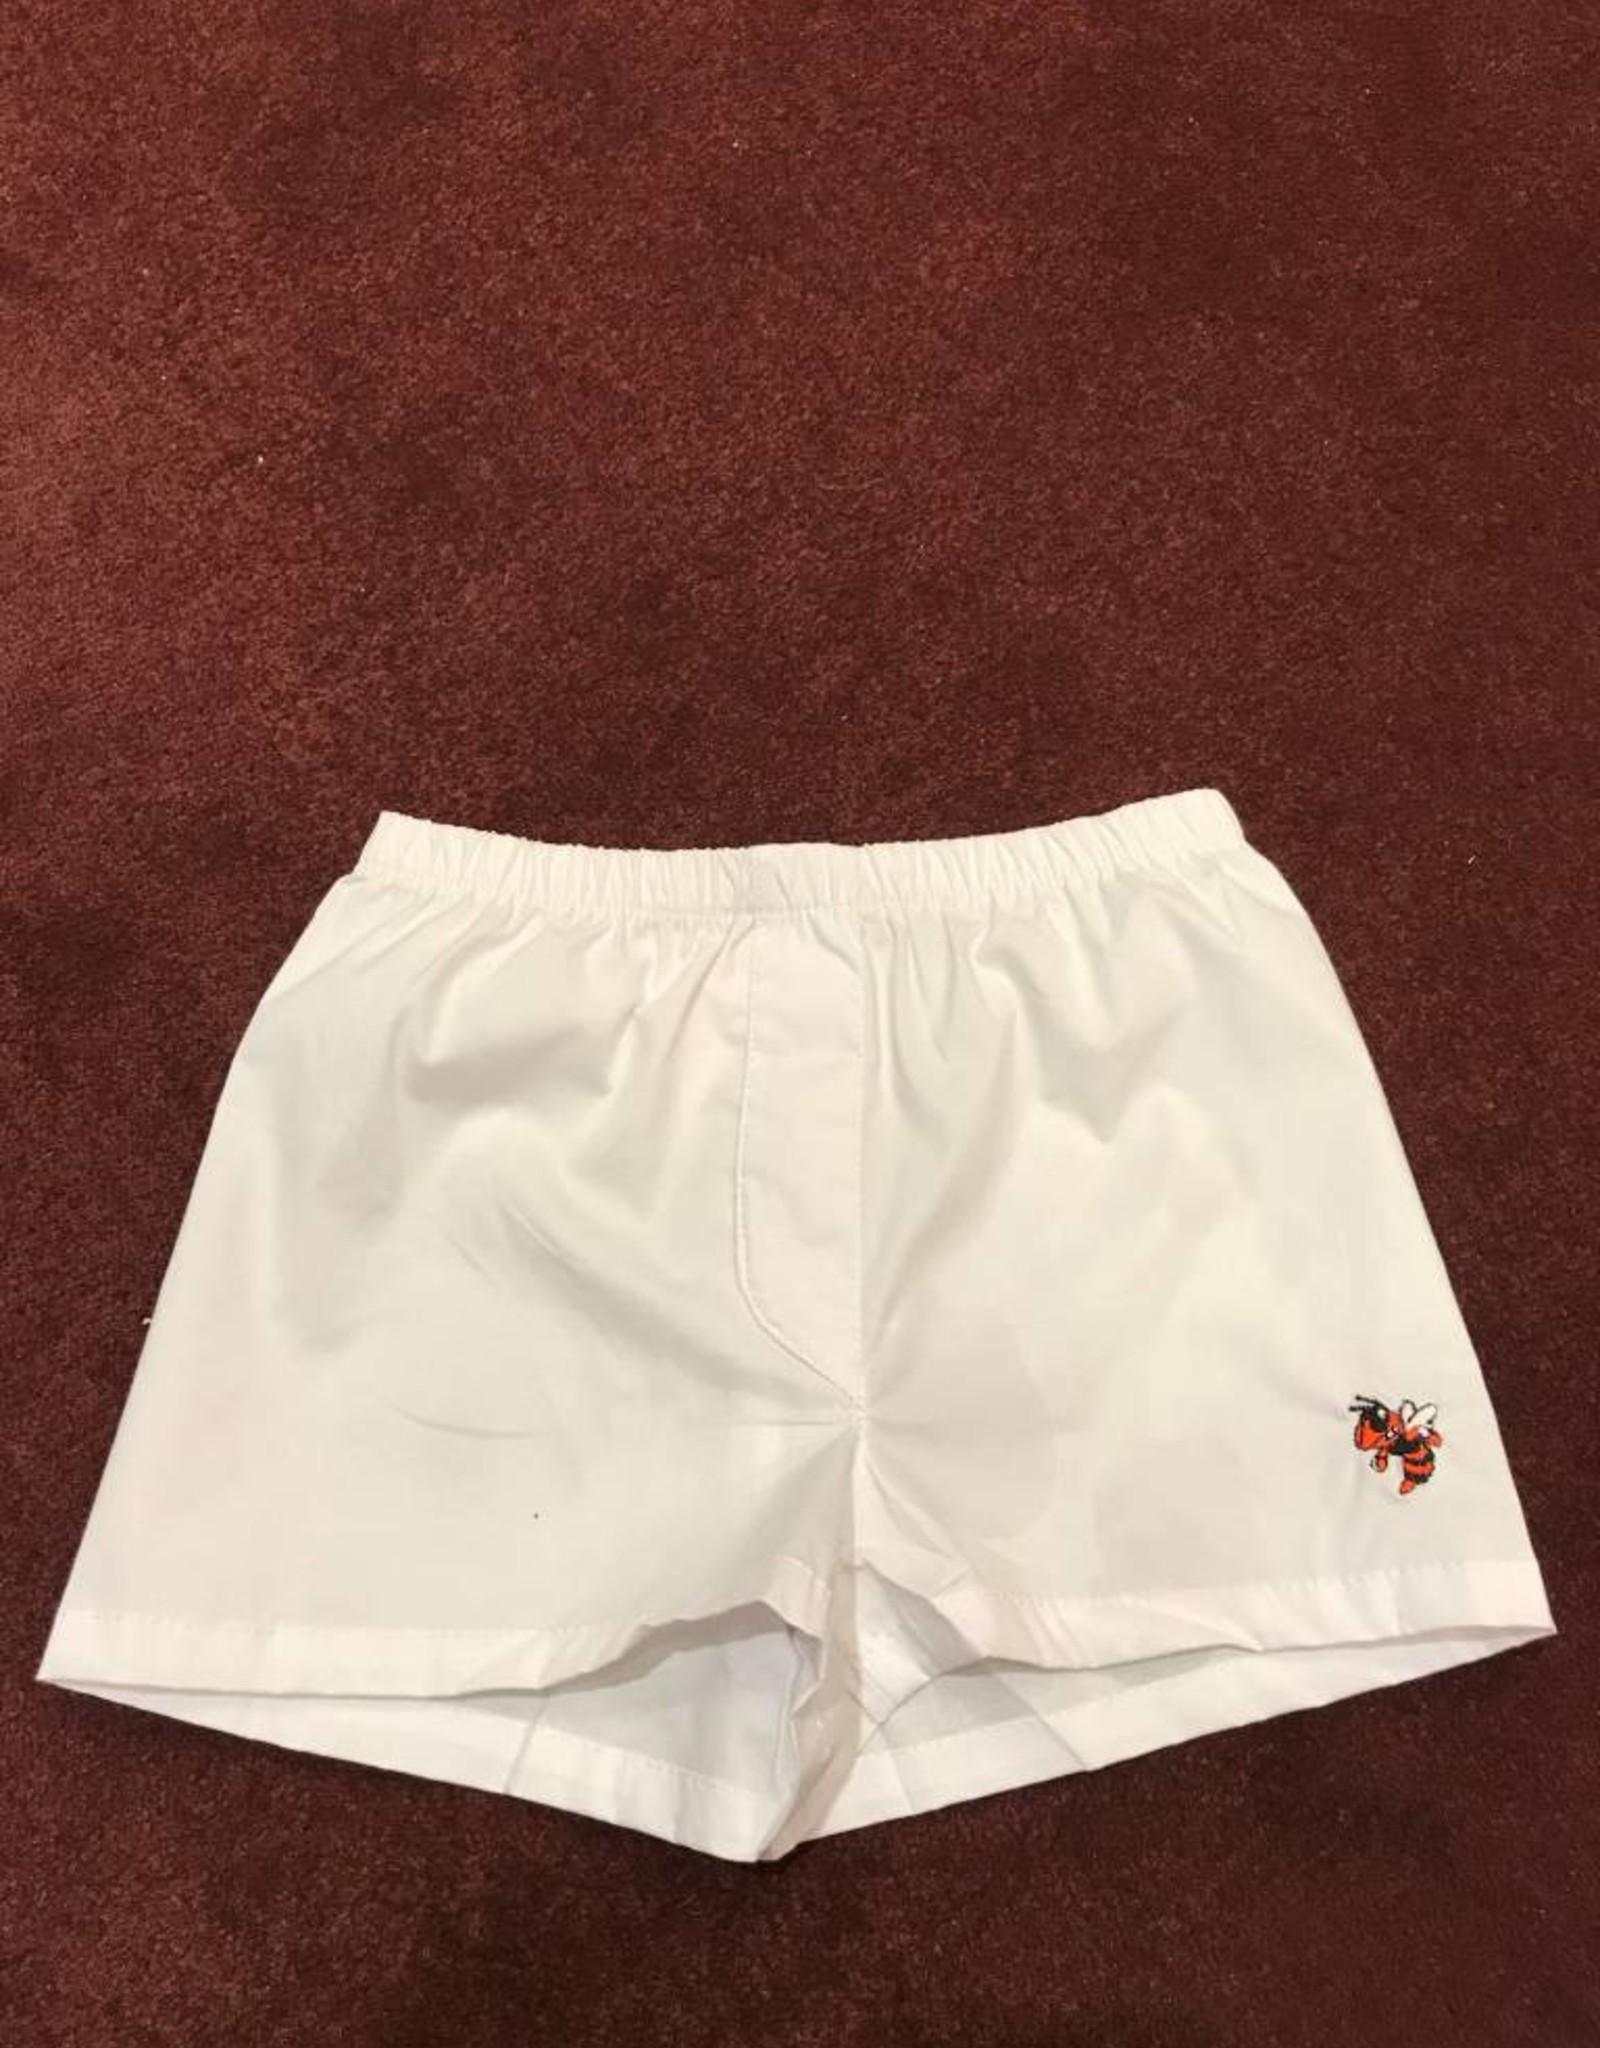 Kids Boxer Shorts White w/ Logo 6-12 Month